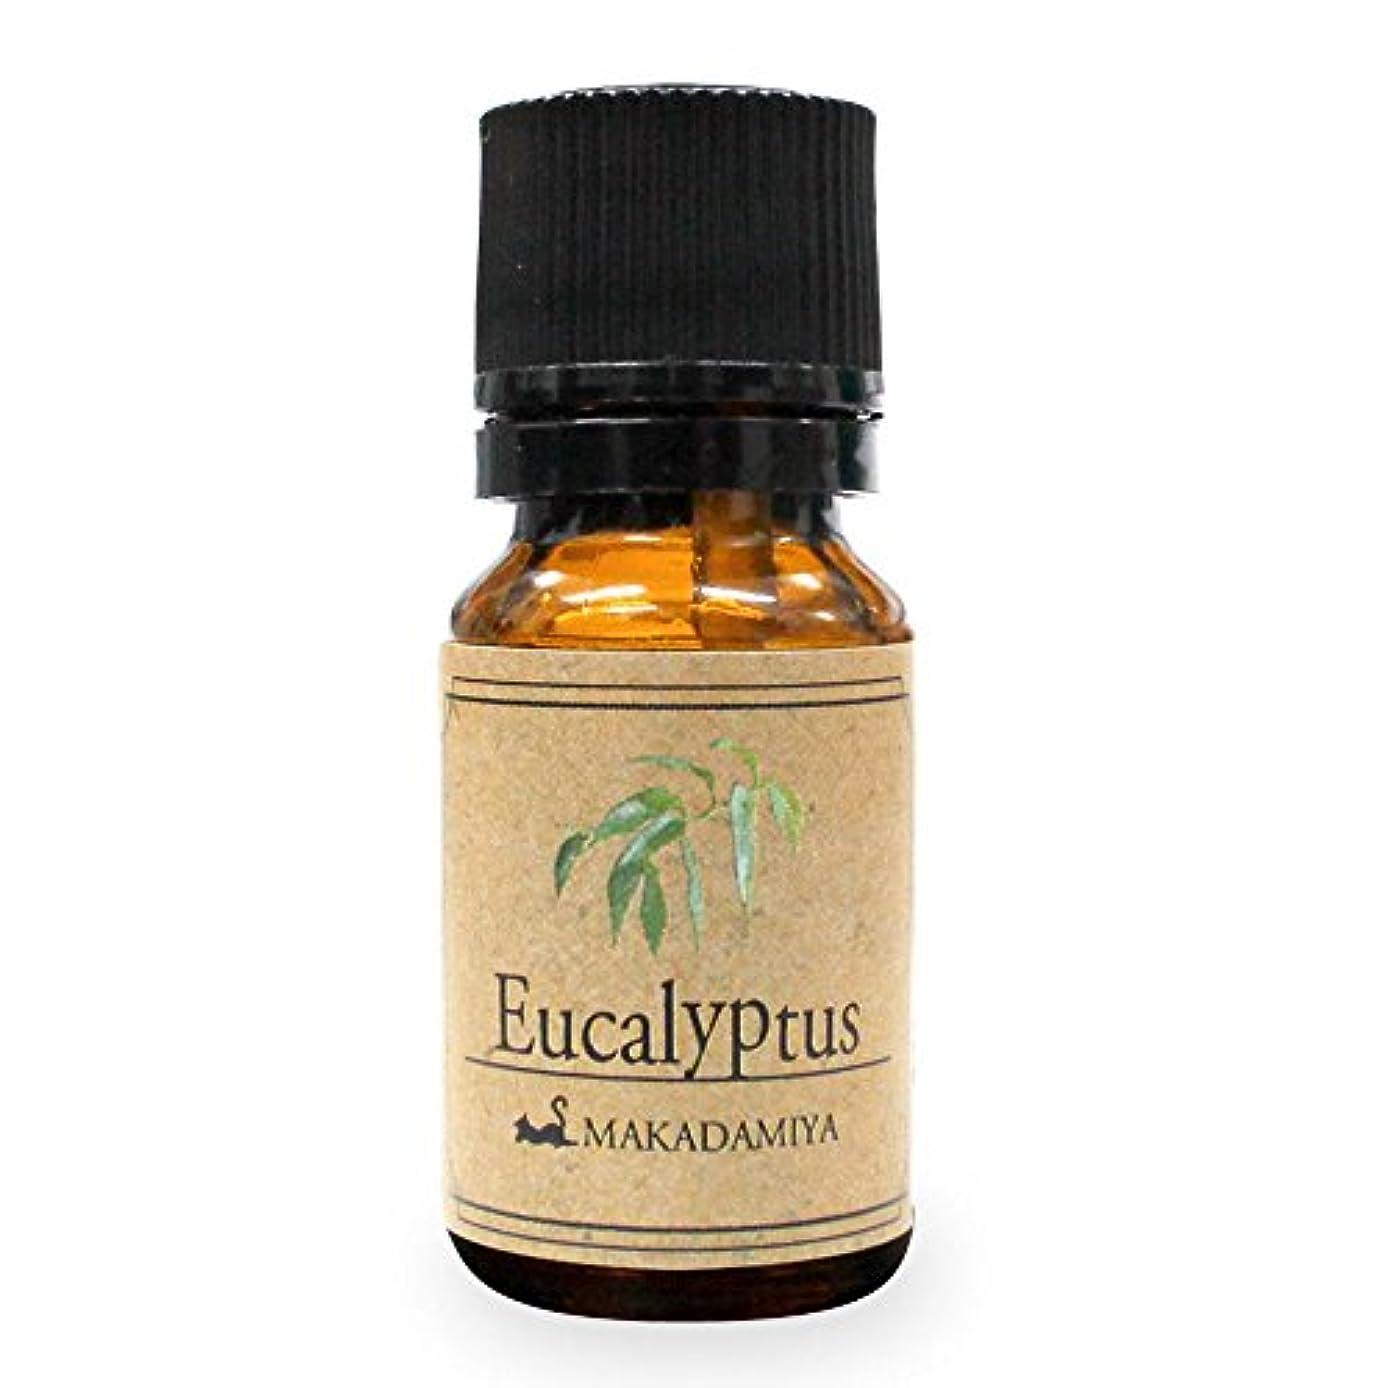 人工的なリアル同情的ユーカリ10ml 天然100%植物性 エッセンシャルオイル(精油) アロマオイル アロママッサージ aroma Eucalyptus